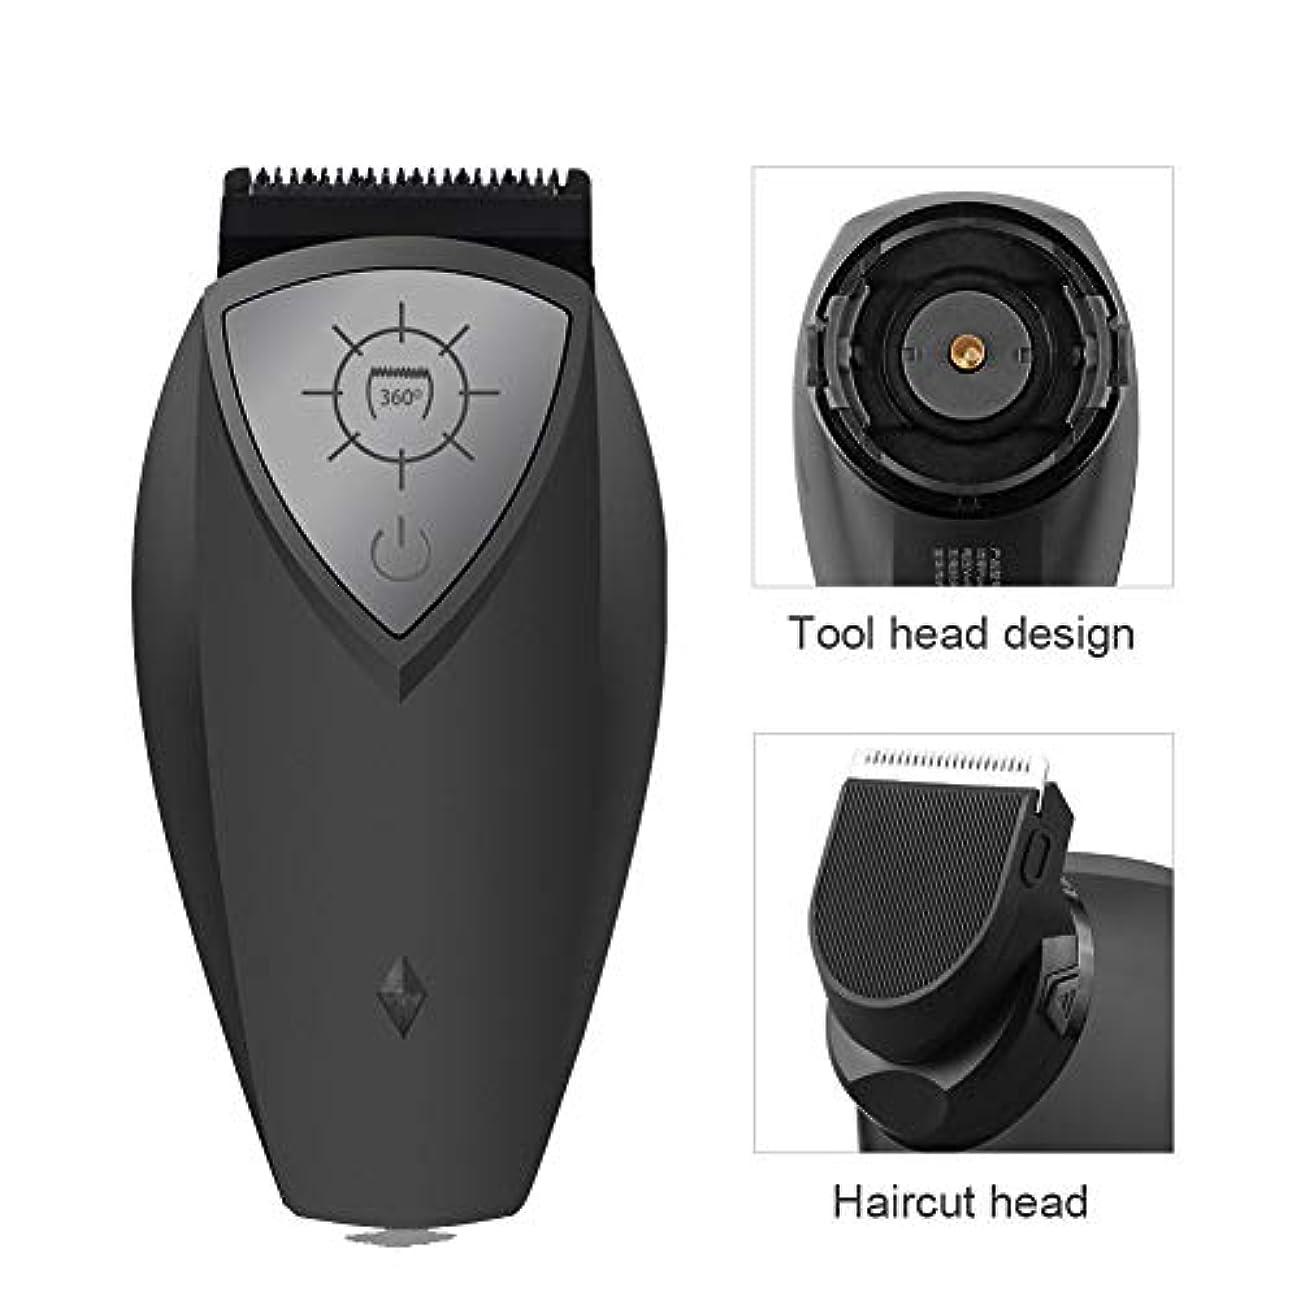 熱狂的な膜座標Lambowo 360度の回転式有料男性の電気シェーバーボディひげの毛のトリマーのかみそり